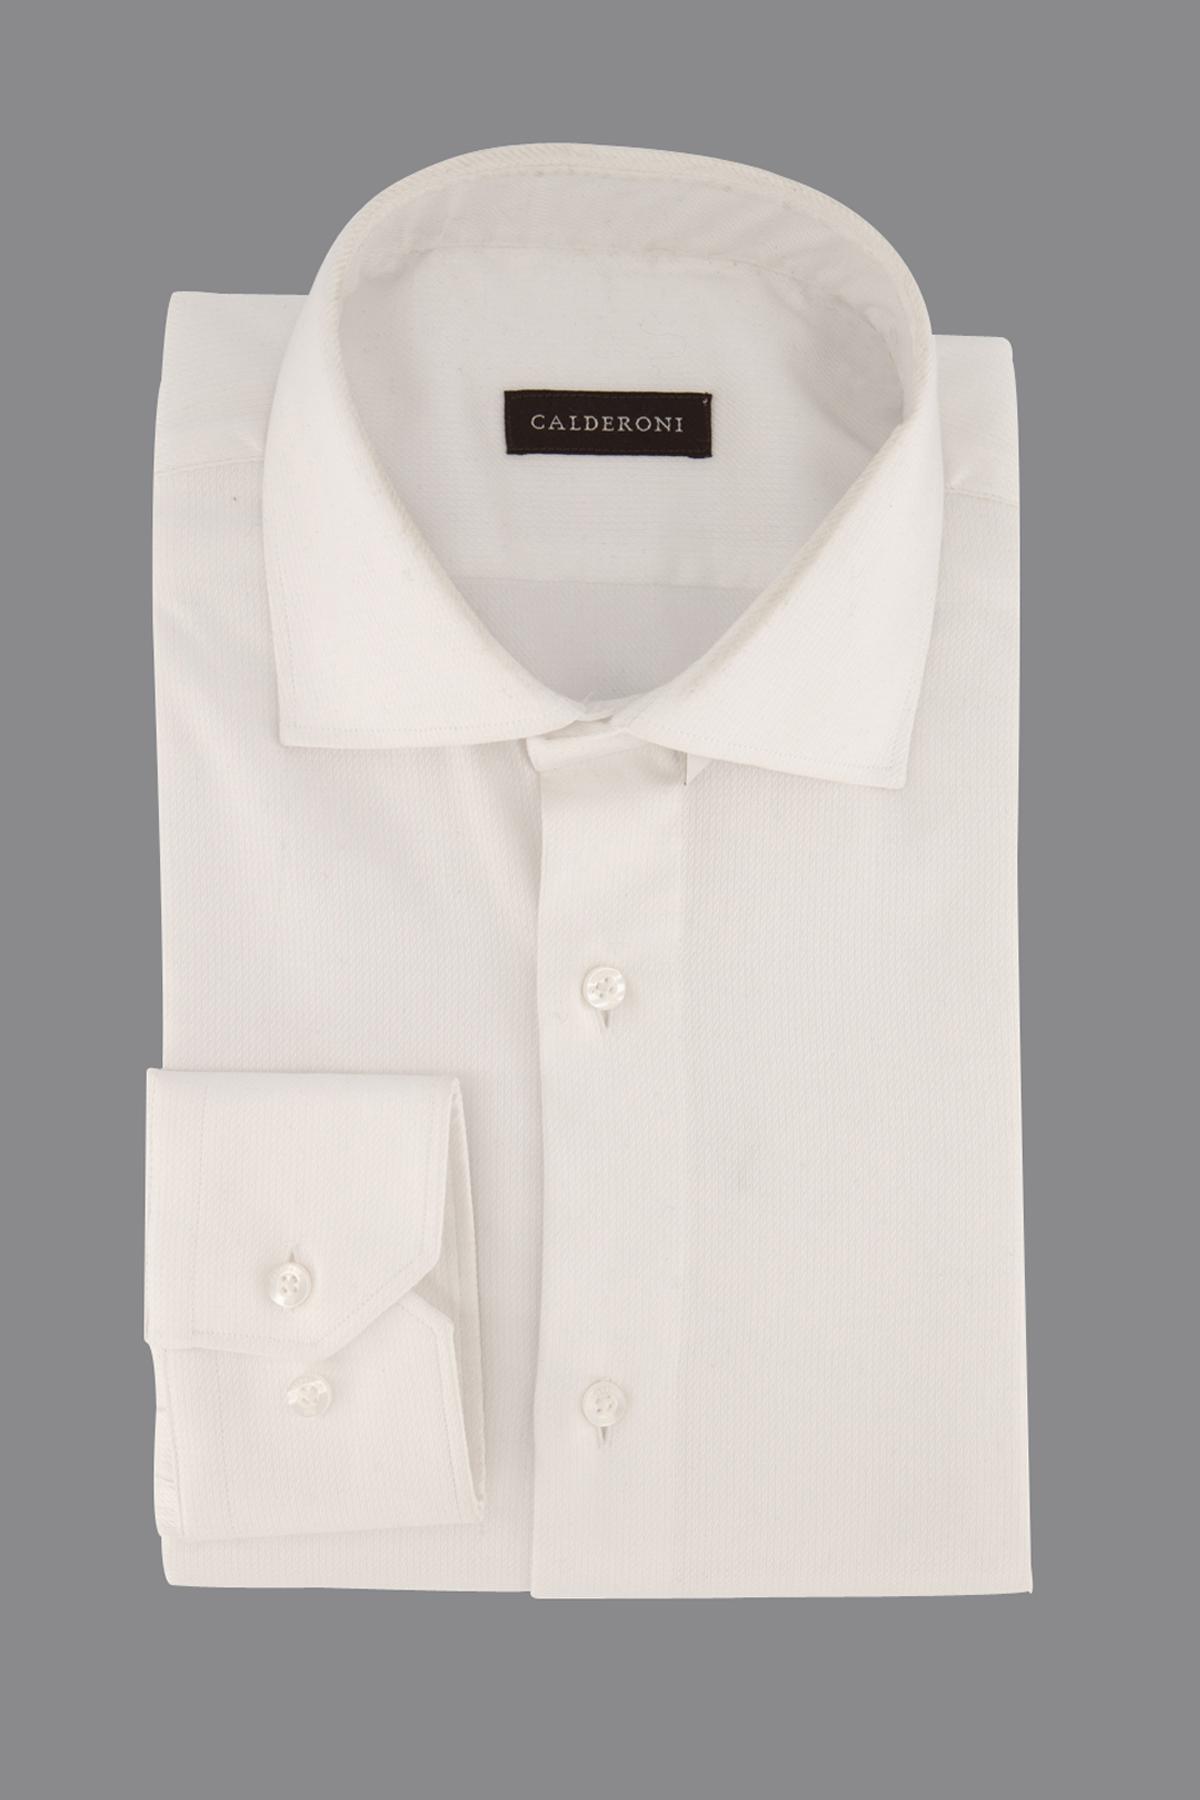 Camisa Calderoni,  slim fit, tramada blanca lisa